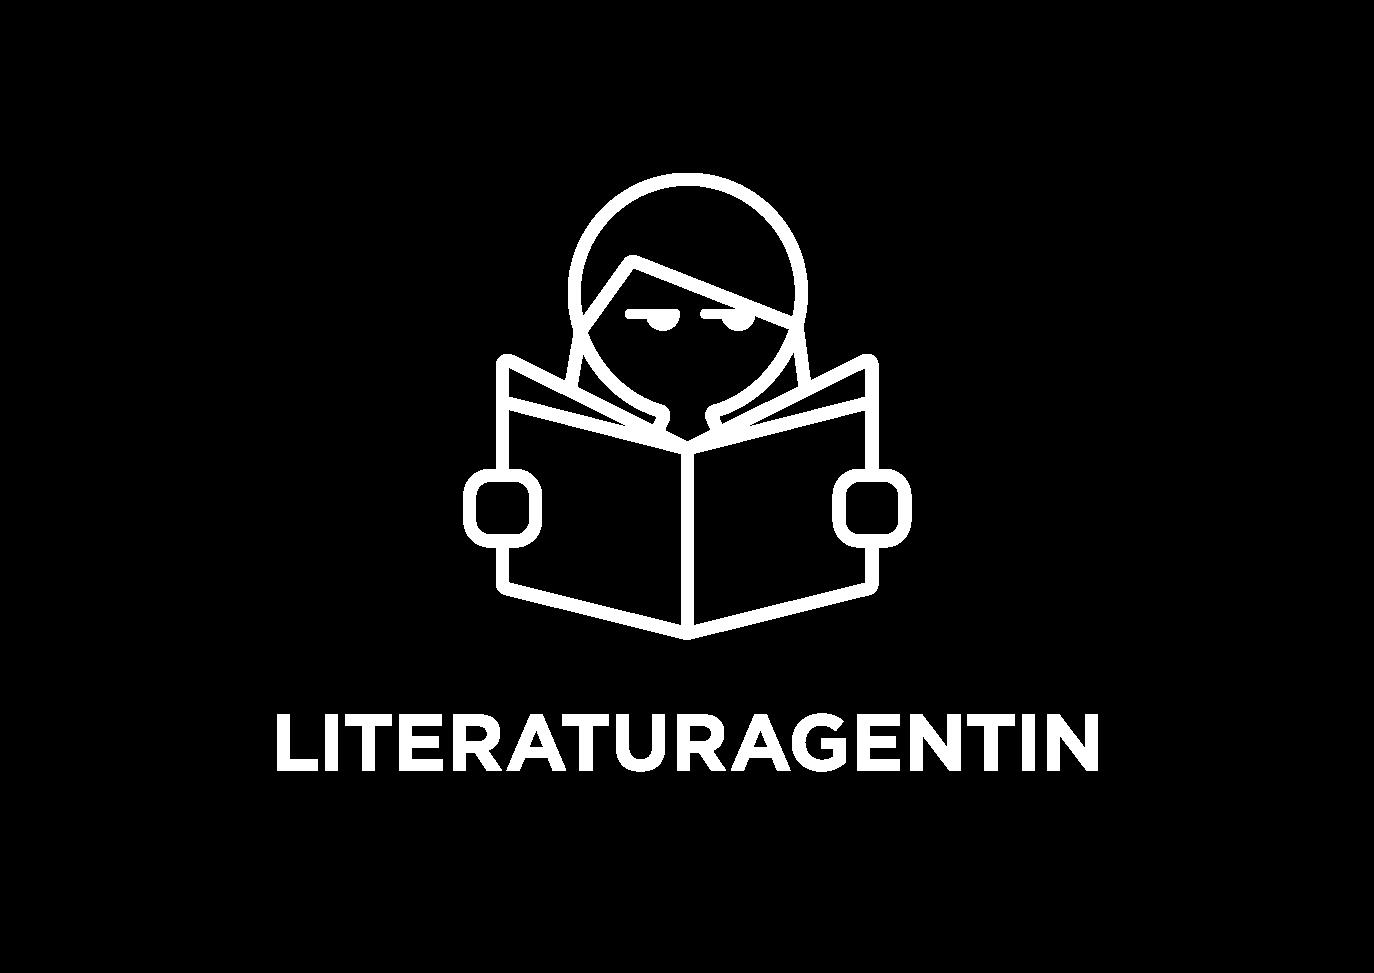 Literaturagentin